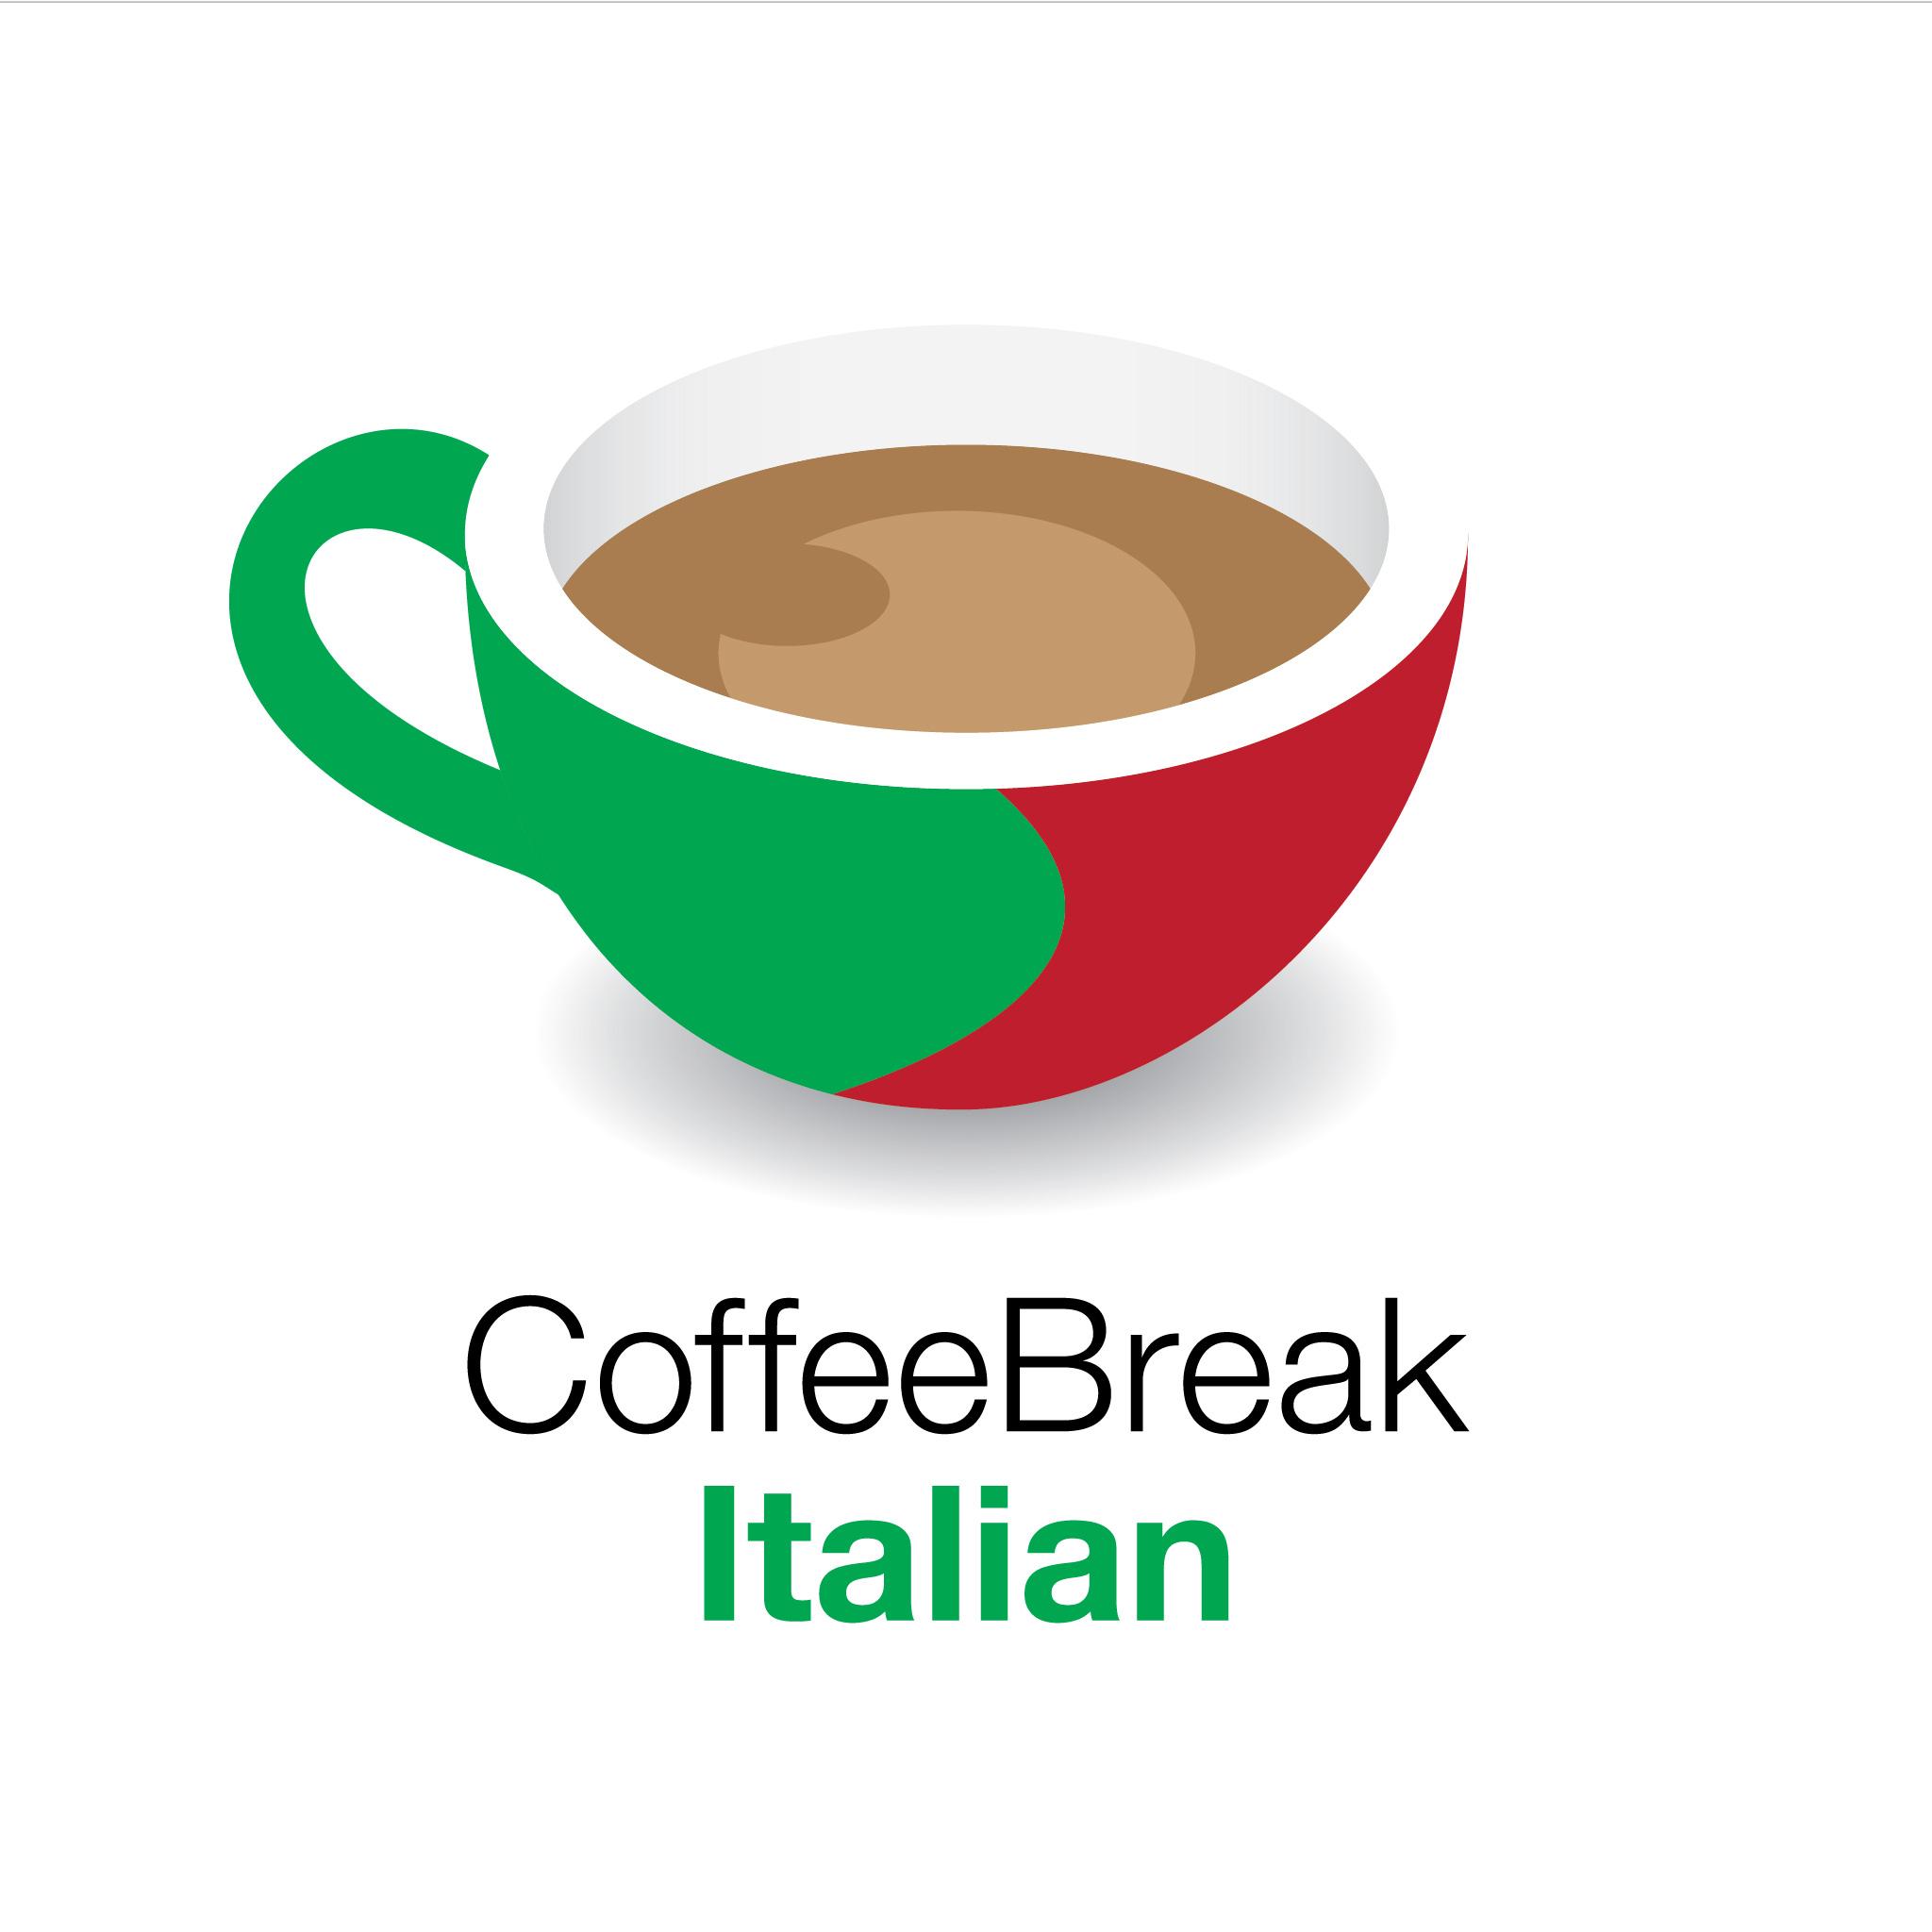 coffee break italian.jpg